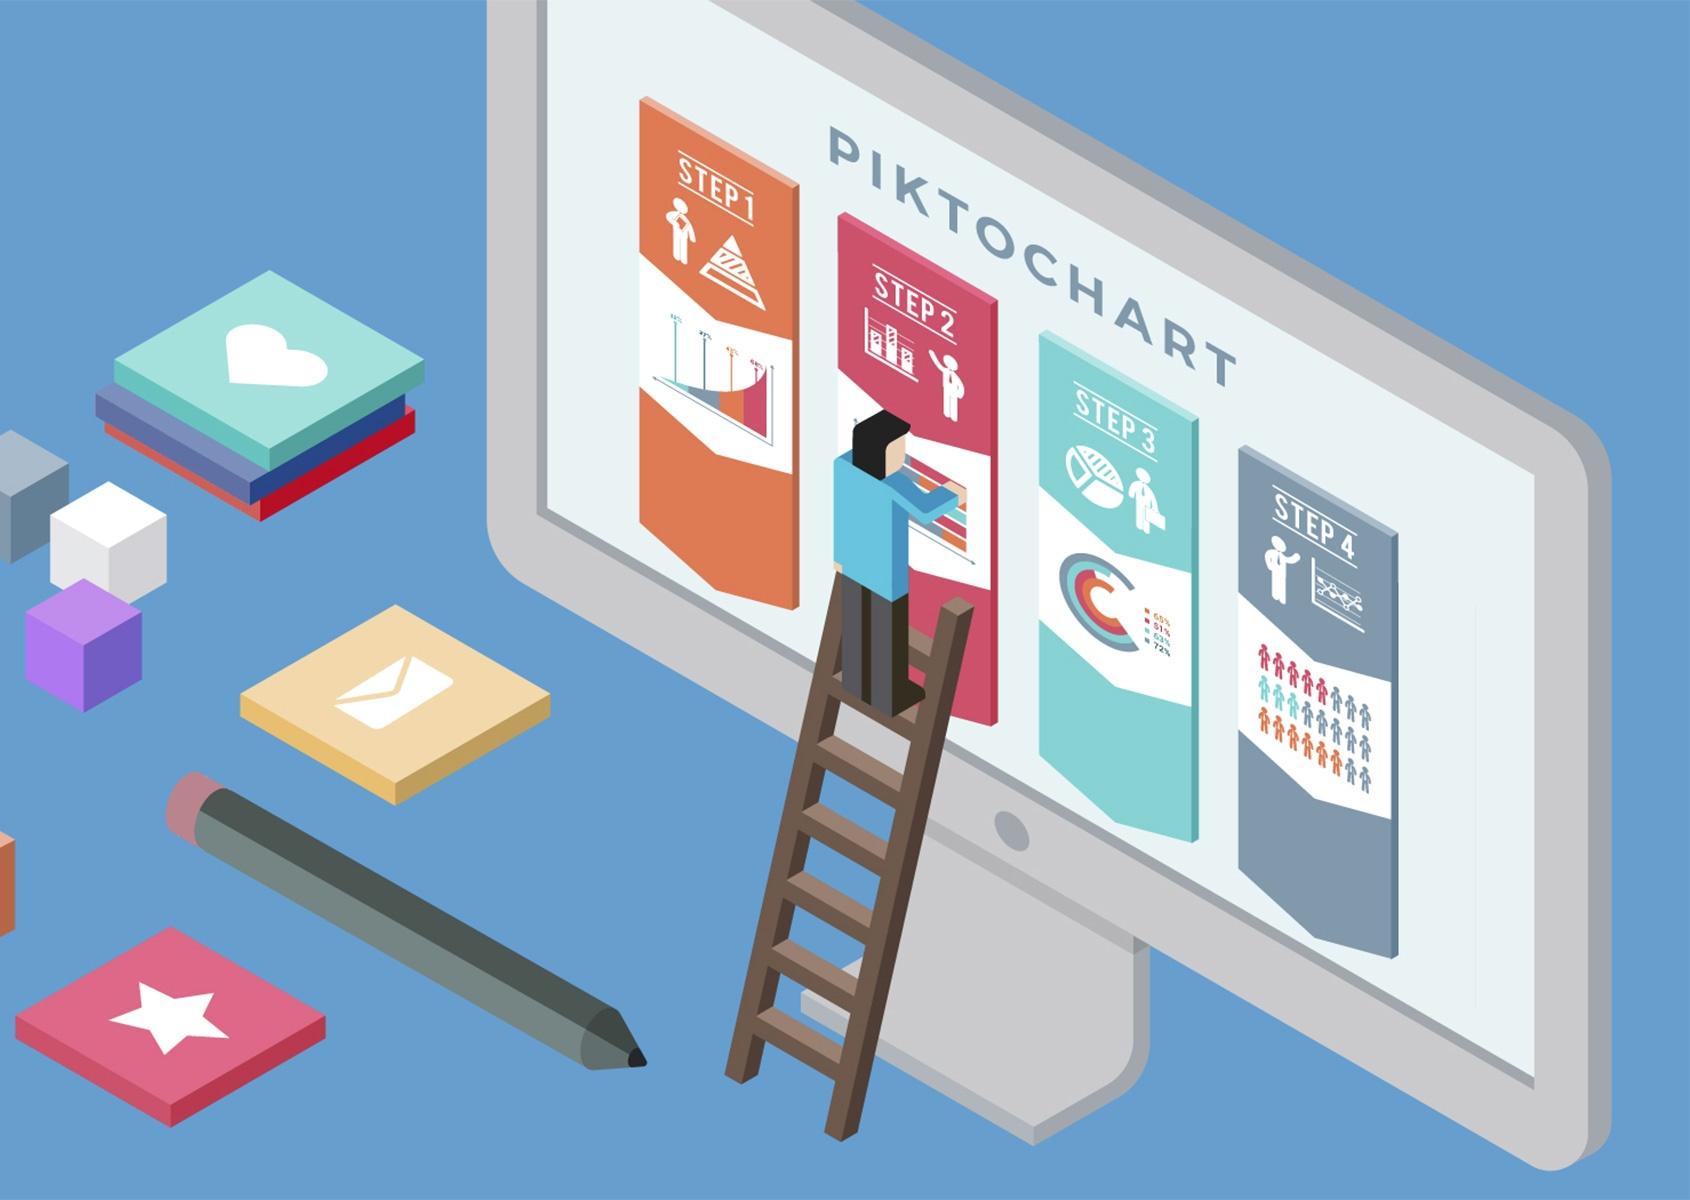 Picktochart e strumenti per infografiche: dal dato numerico al contenuto visuale